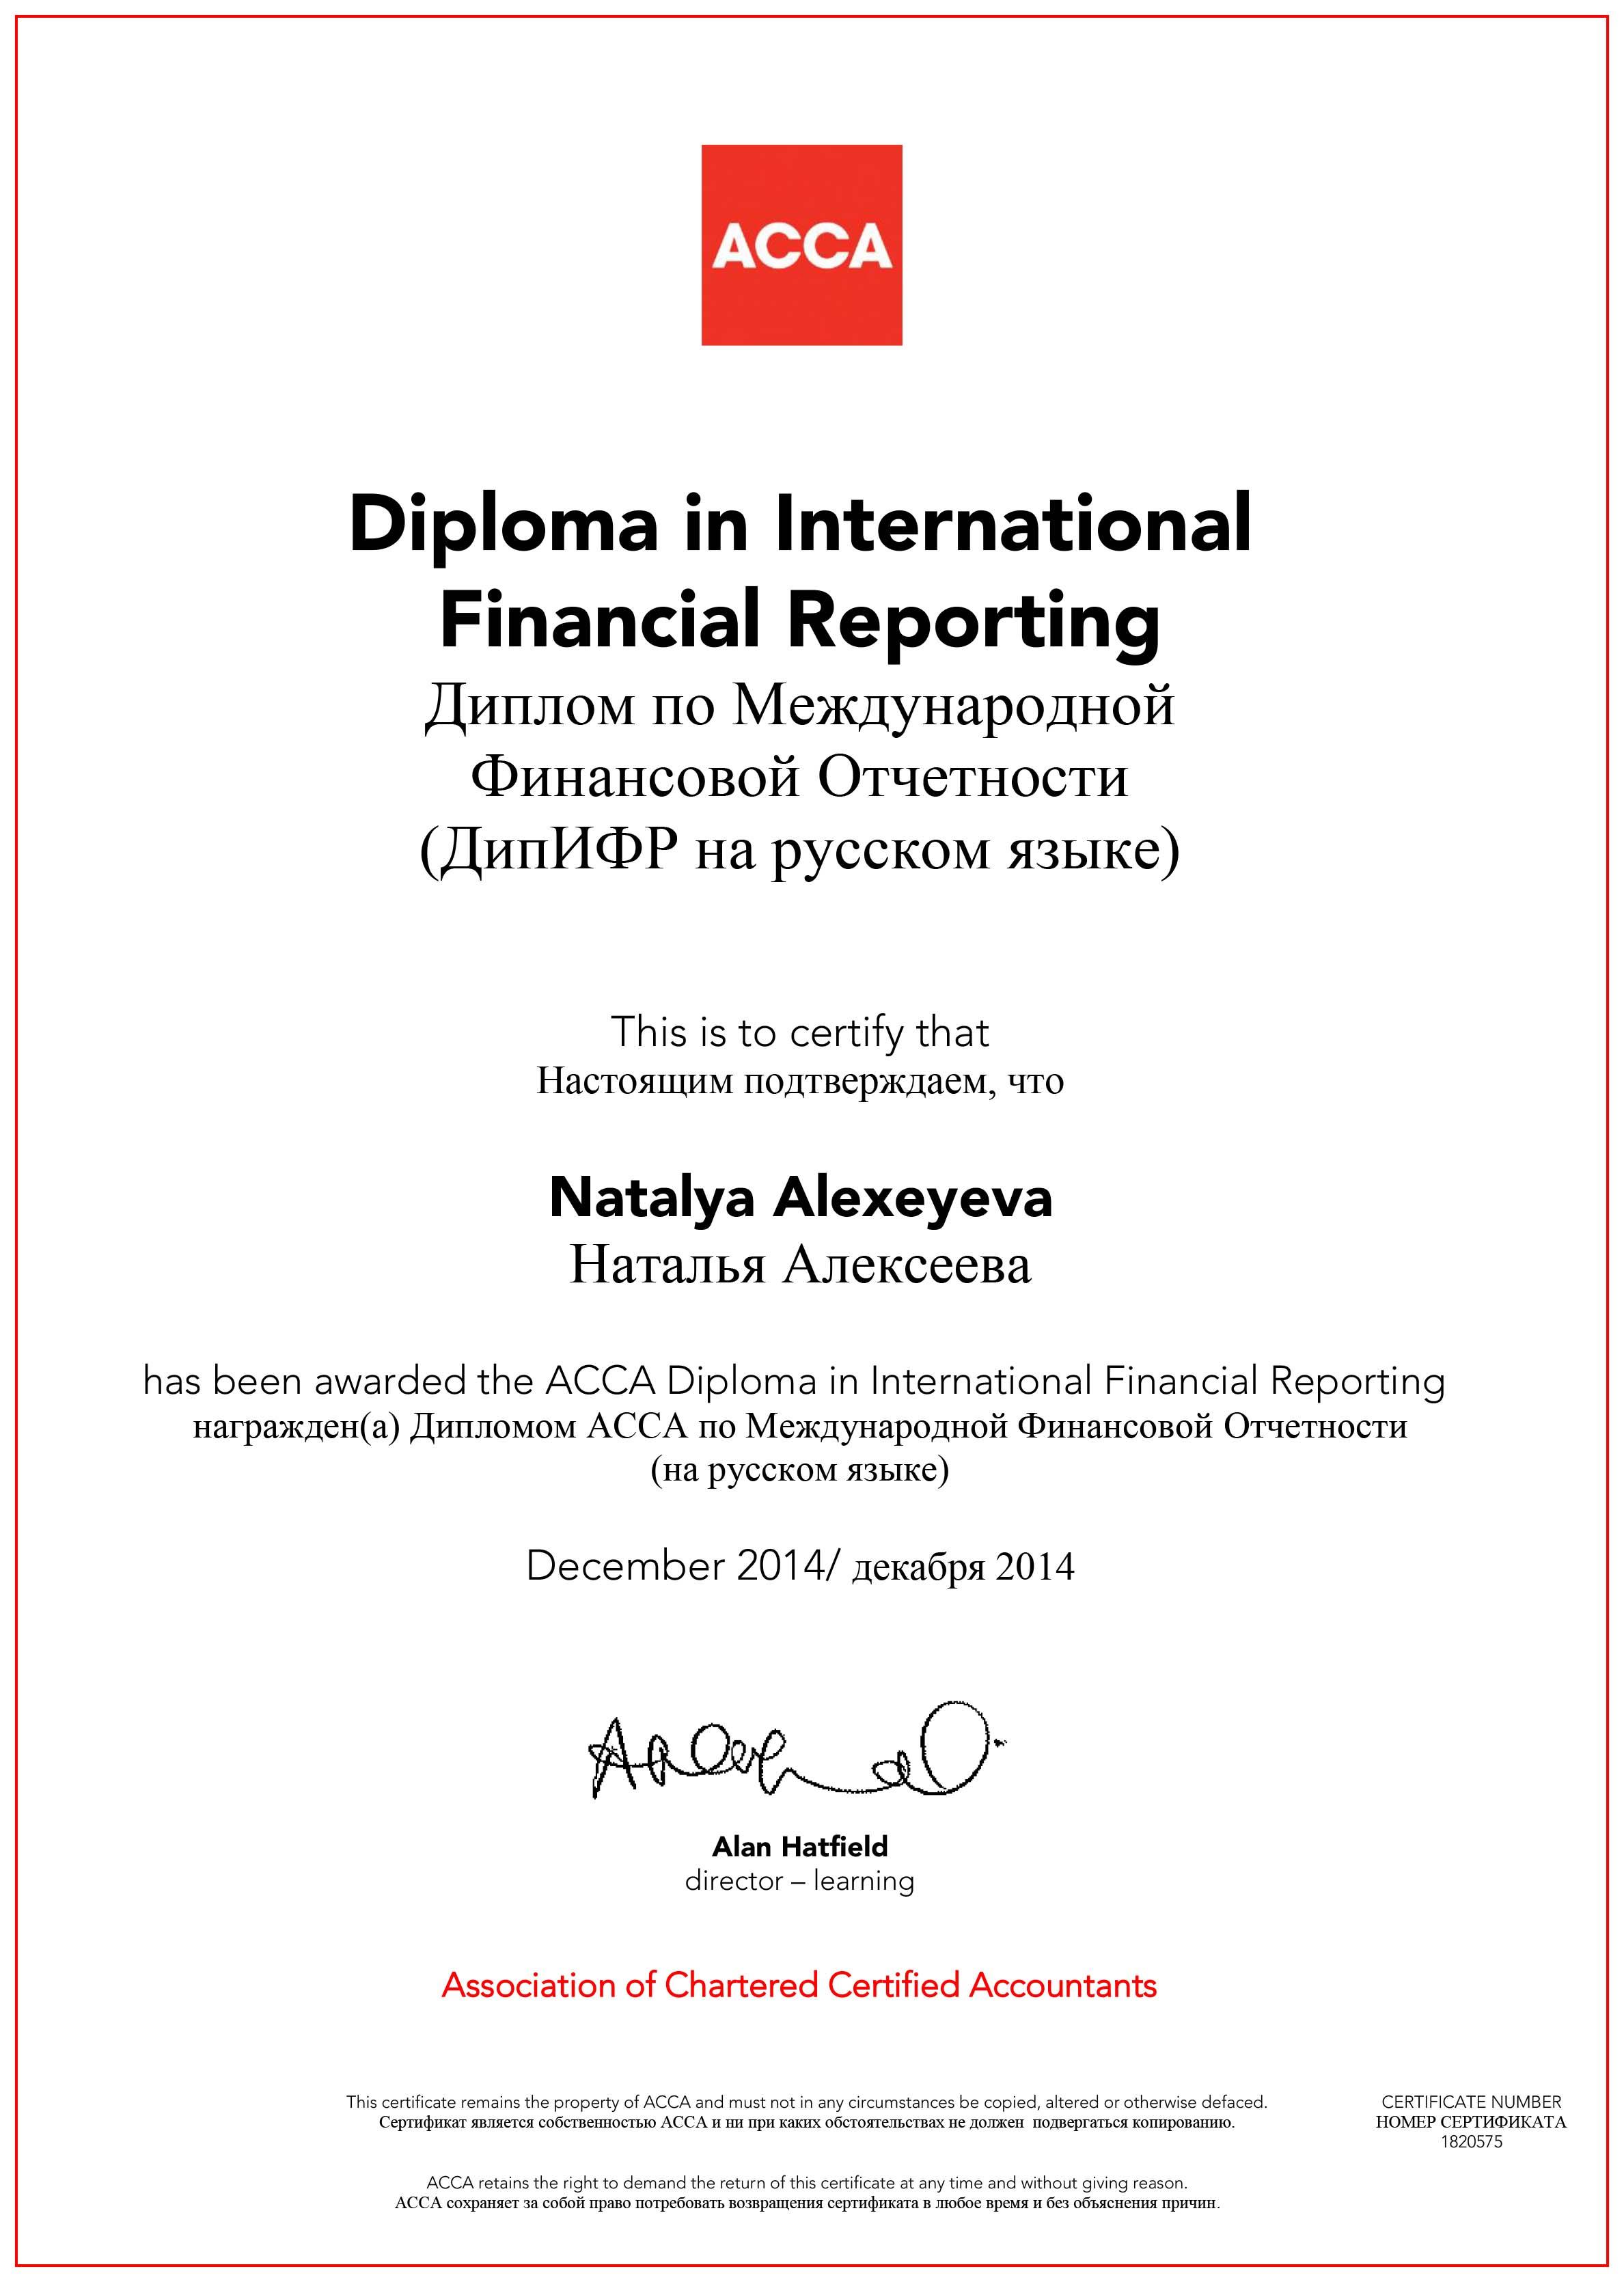 dip-ifr-russia-certificate-december-2014-natalya-alexeyeva-1820575-1